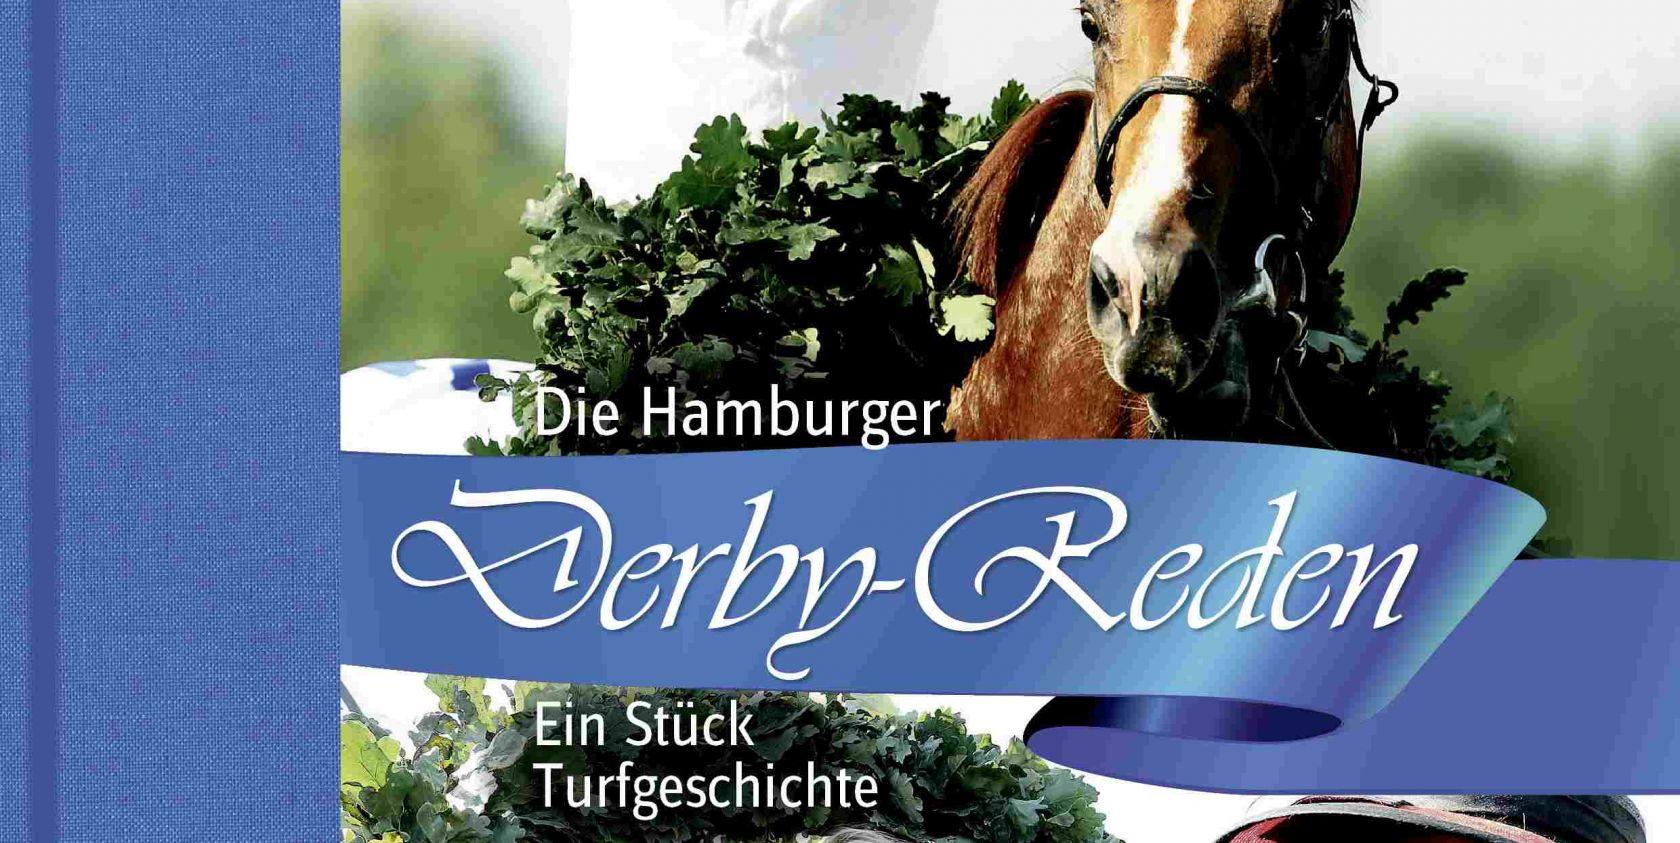 Hamburger Derby-Reden seit 1955 - eintauchen in ein Stück Galopp-Geschichte